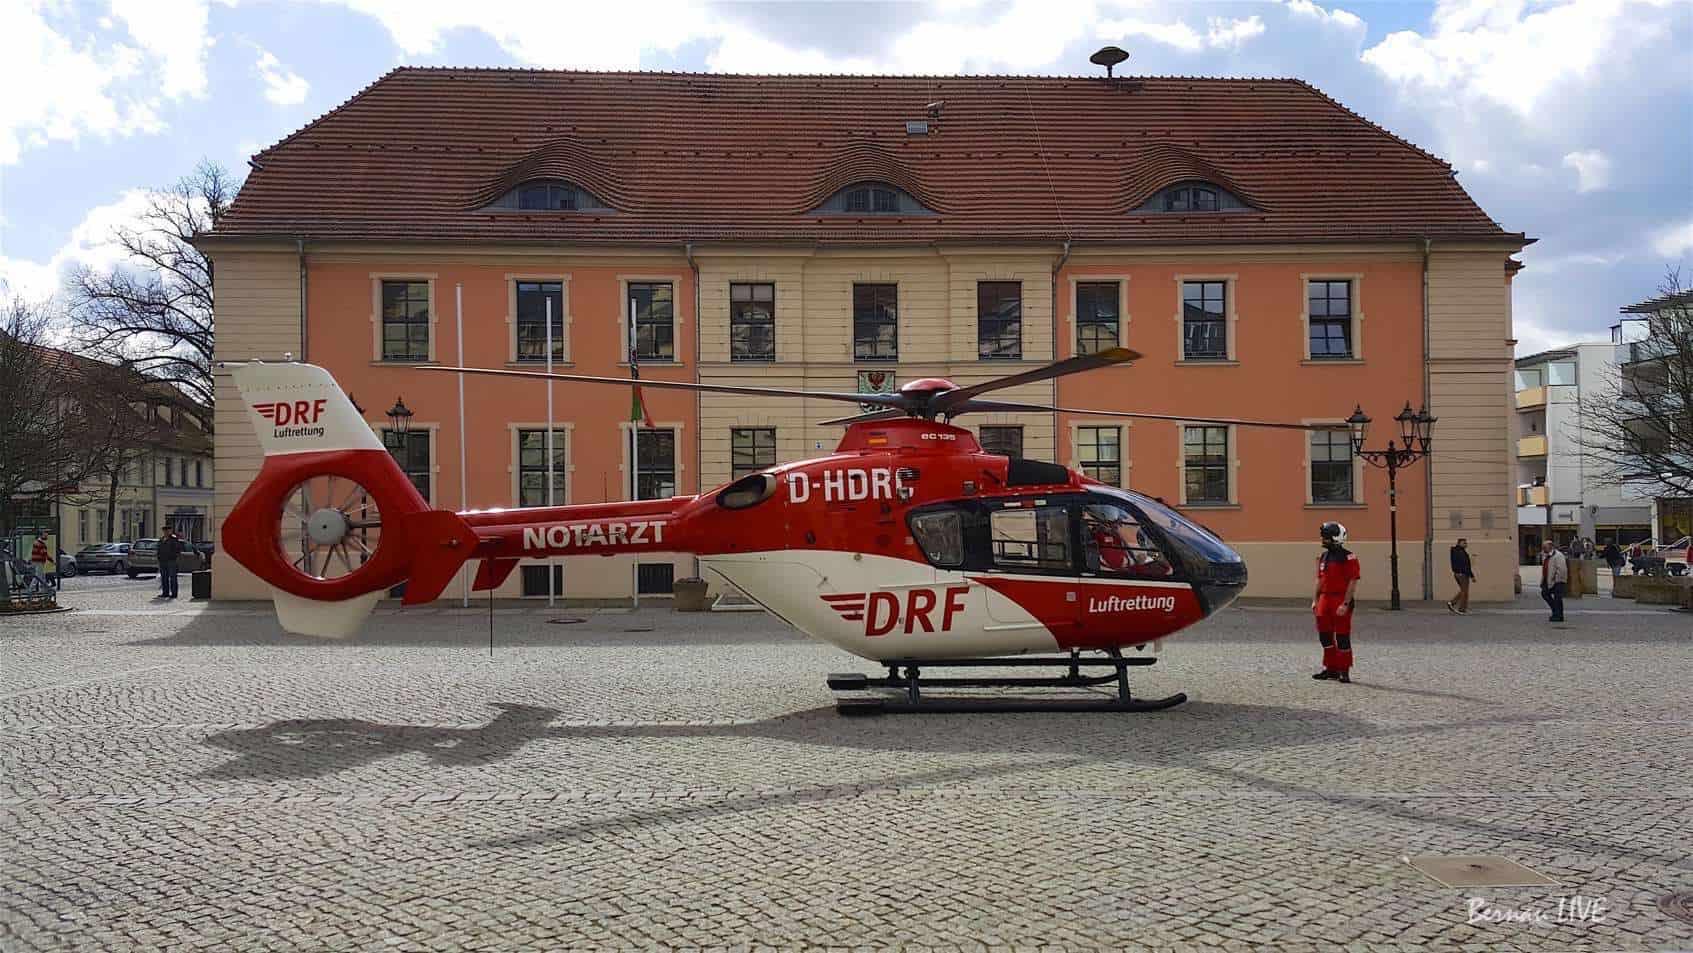 DRF Luftrettung: Christoph 64 und 49 - 1.379 Einsätze im 1. Halbjahr